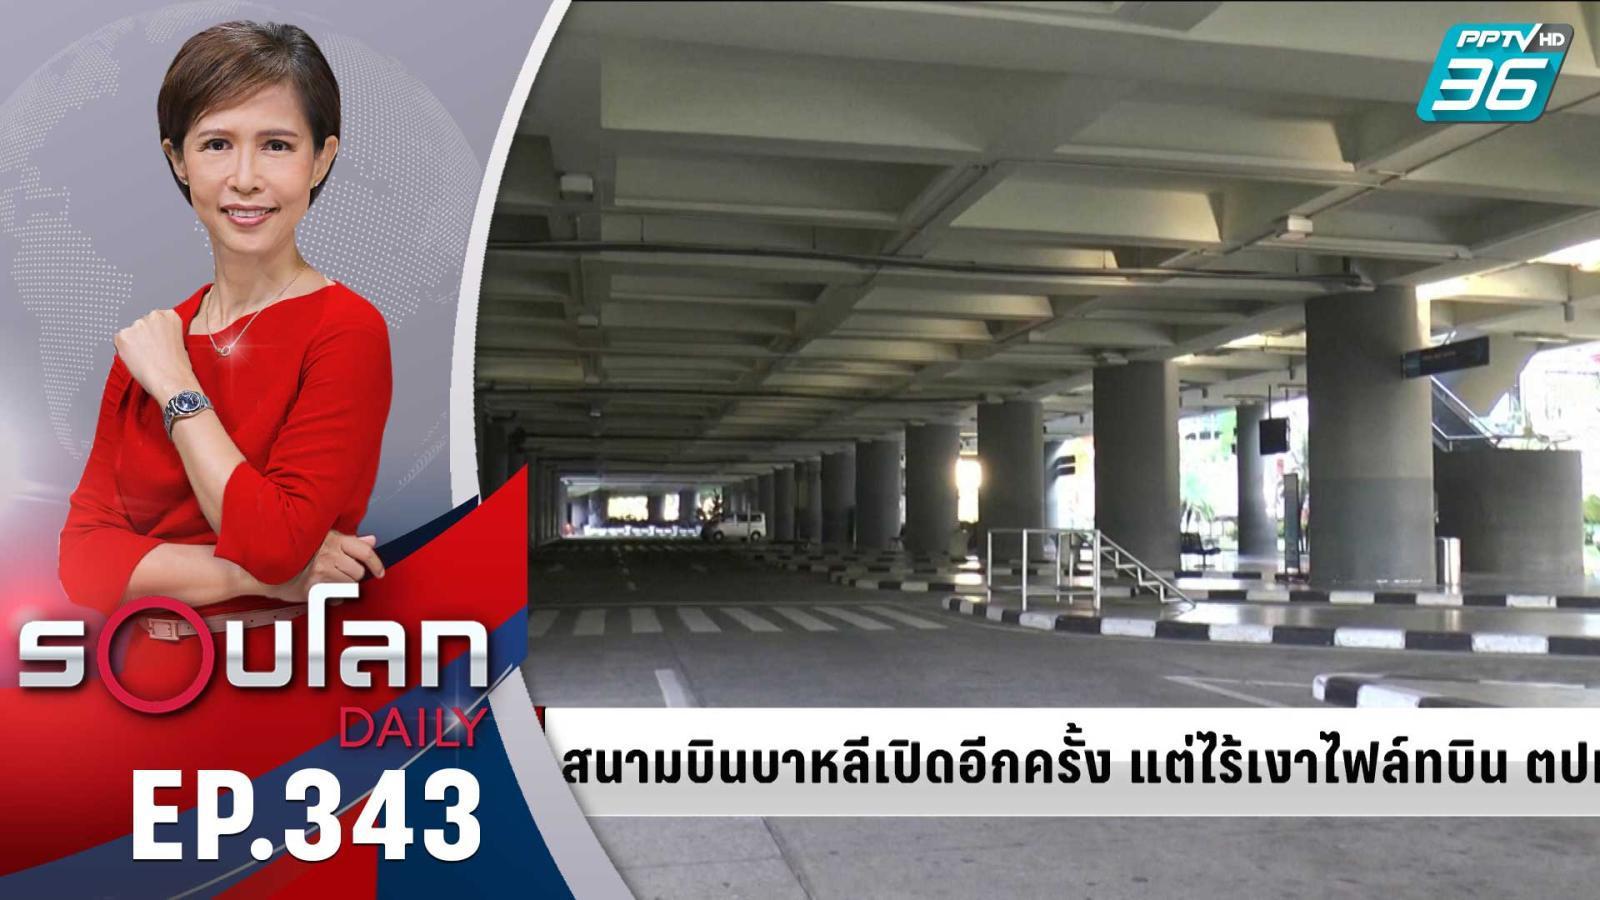 สนามบินบาหลีเปิดอีกครั้ง แต่ไร้เงาไฟลท์บินจากต่างประเทศ  | 14 ต.ค. 64 | รอบโลก DAILY